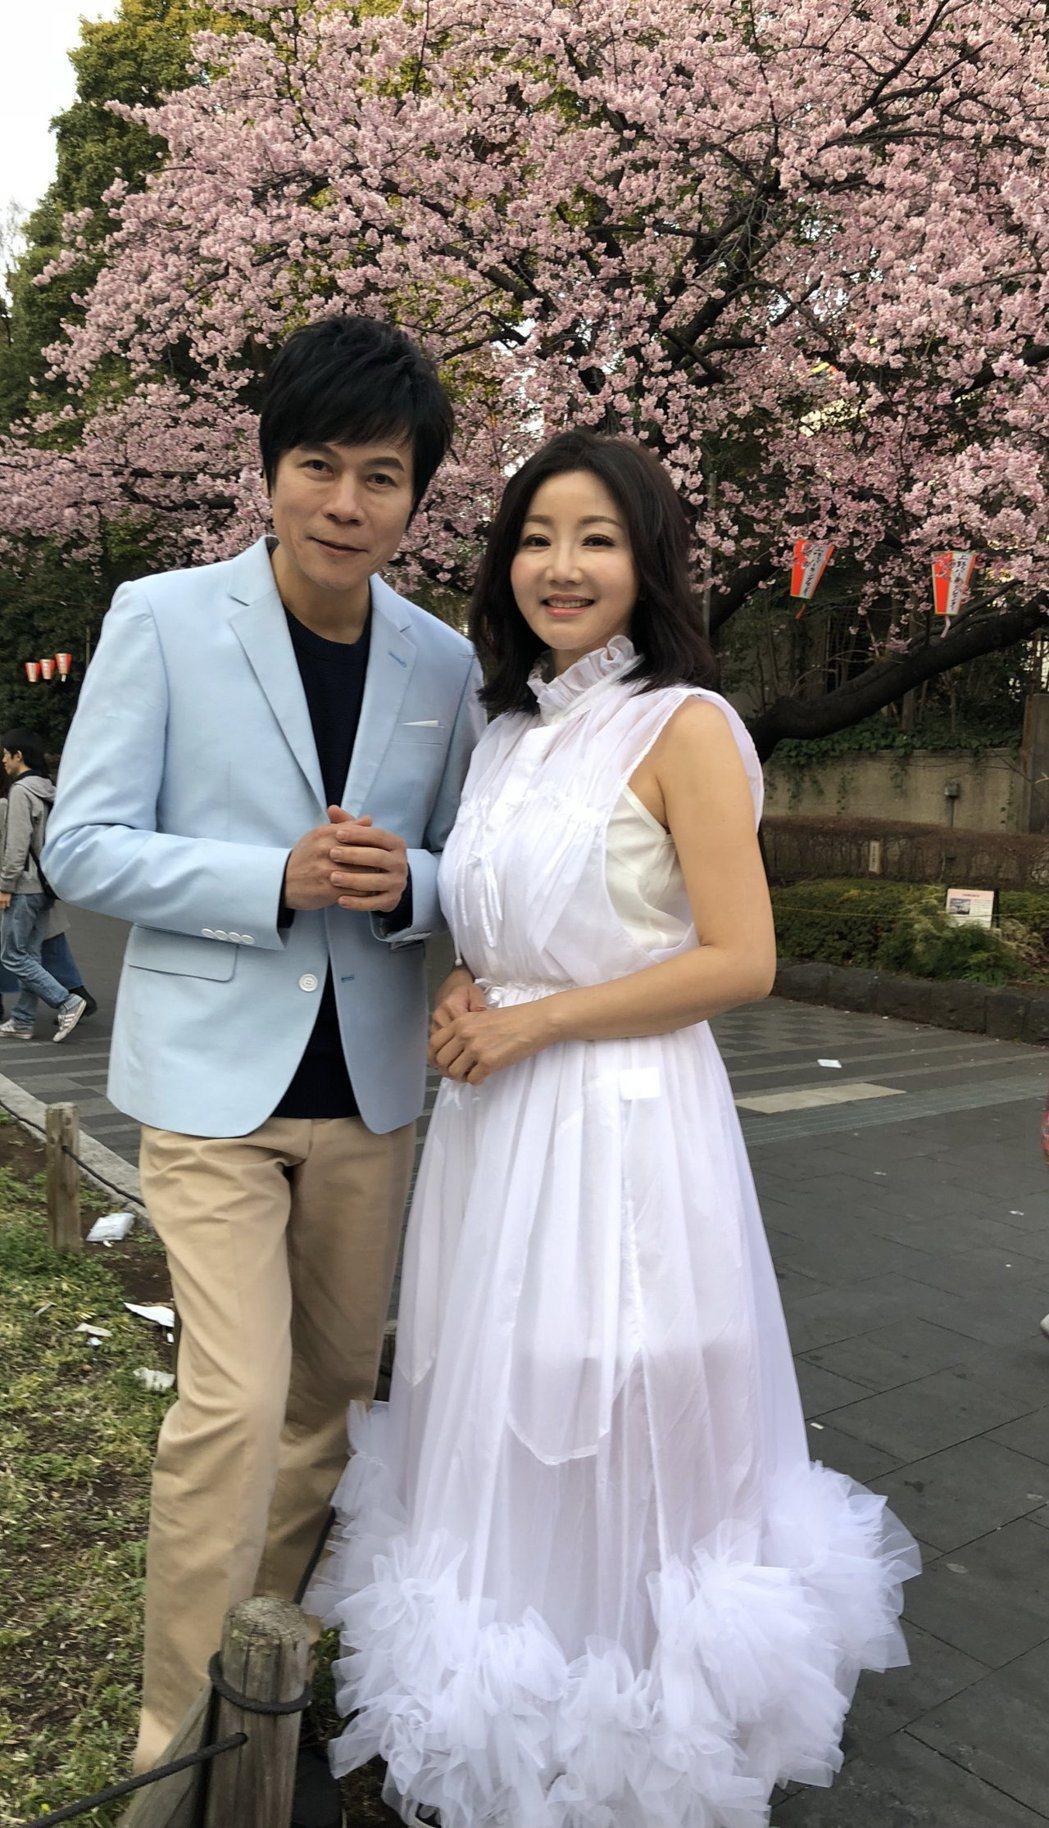 洪榮宏帶老婆張瀞云到日本工作順道補度蜜月。圖/華特音樂提供